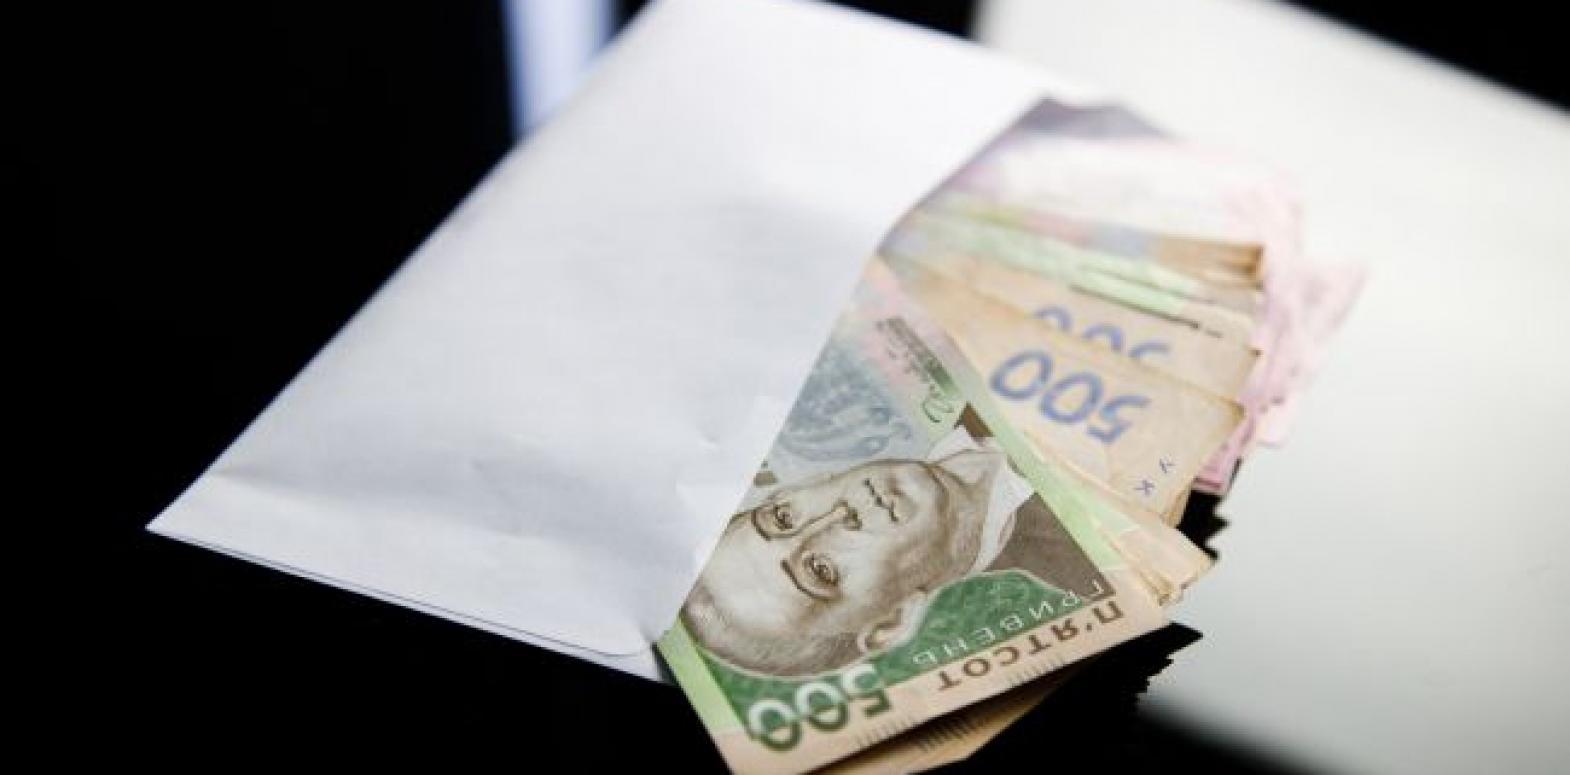 Минфин обнародовал список банков для выплаты пенсий